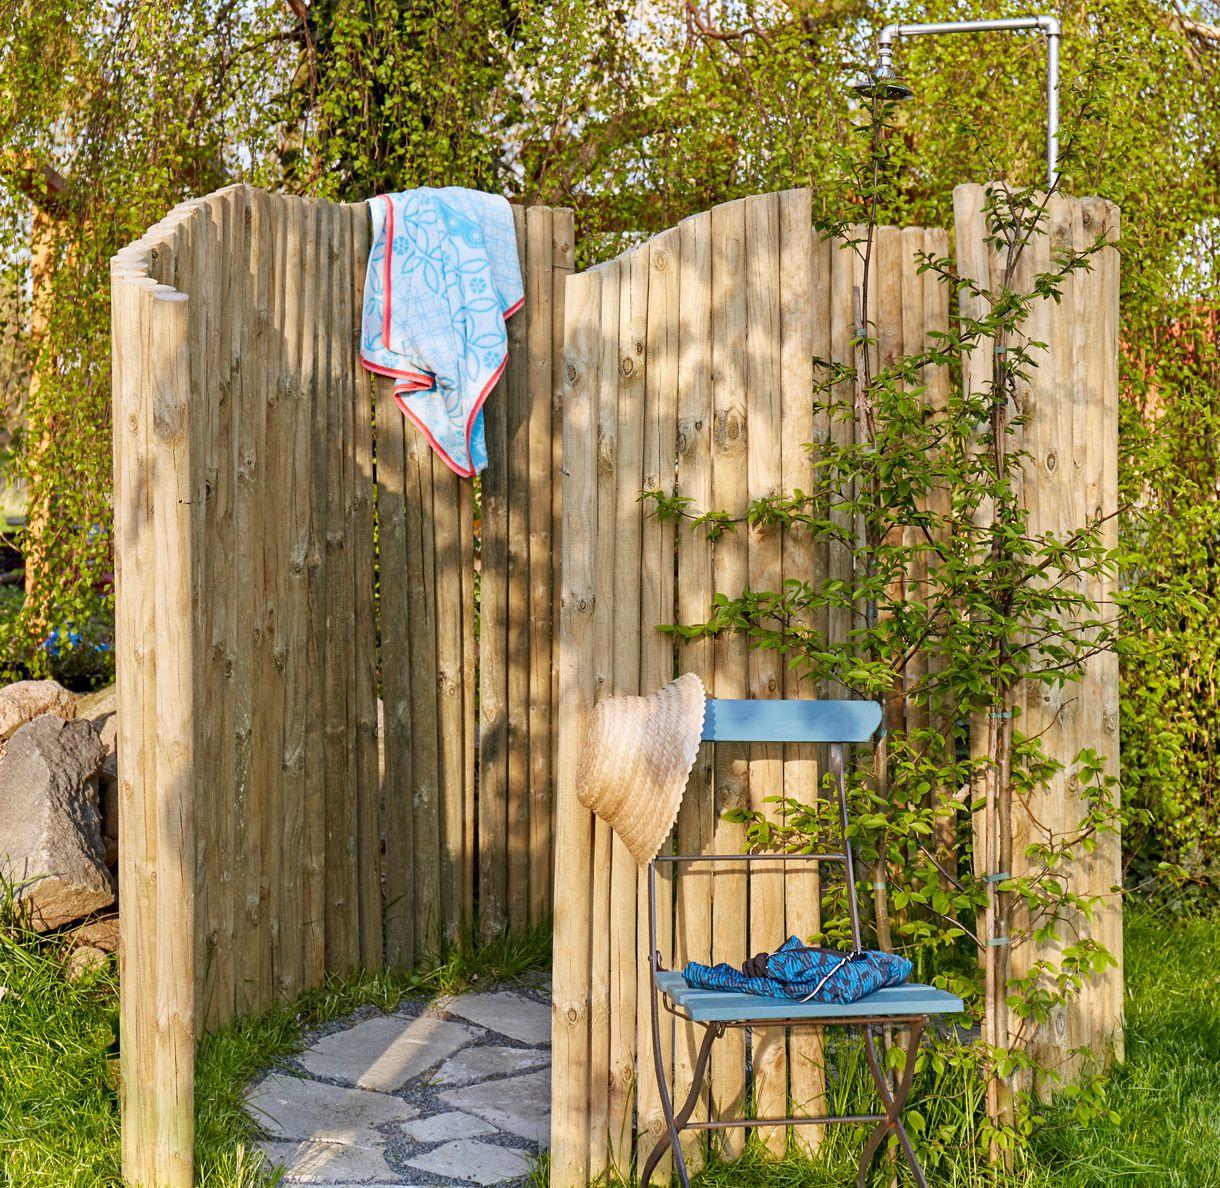 Créer Une Douche De Jardin | Idées De Jardin | Douche De ... pour Douche De Jardin Solaire